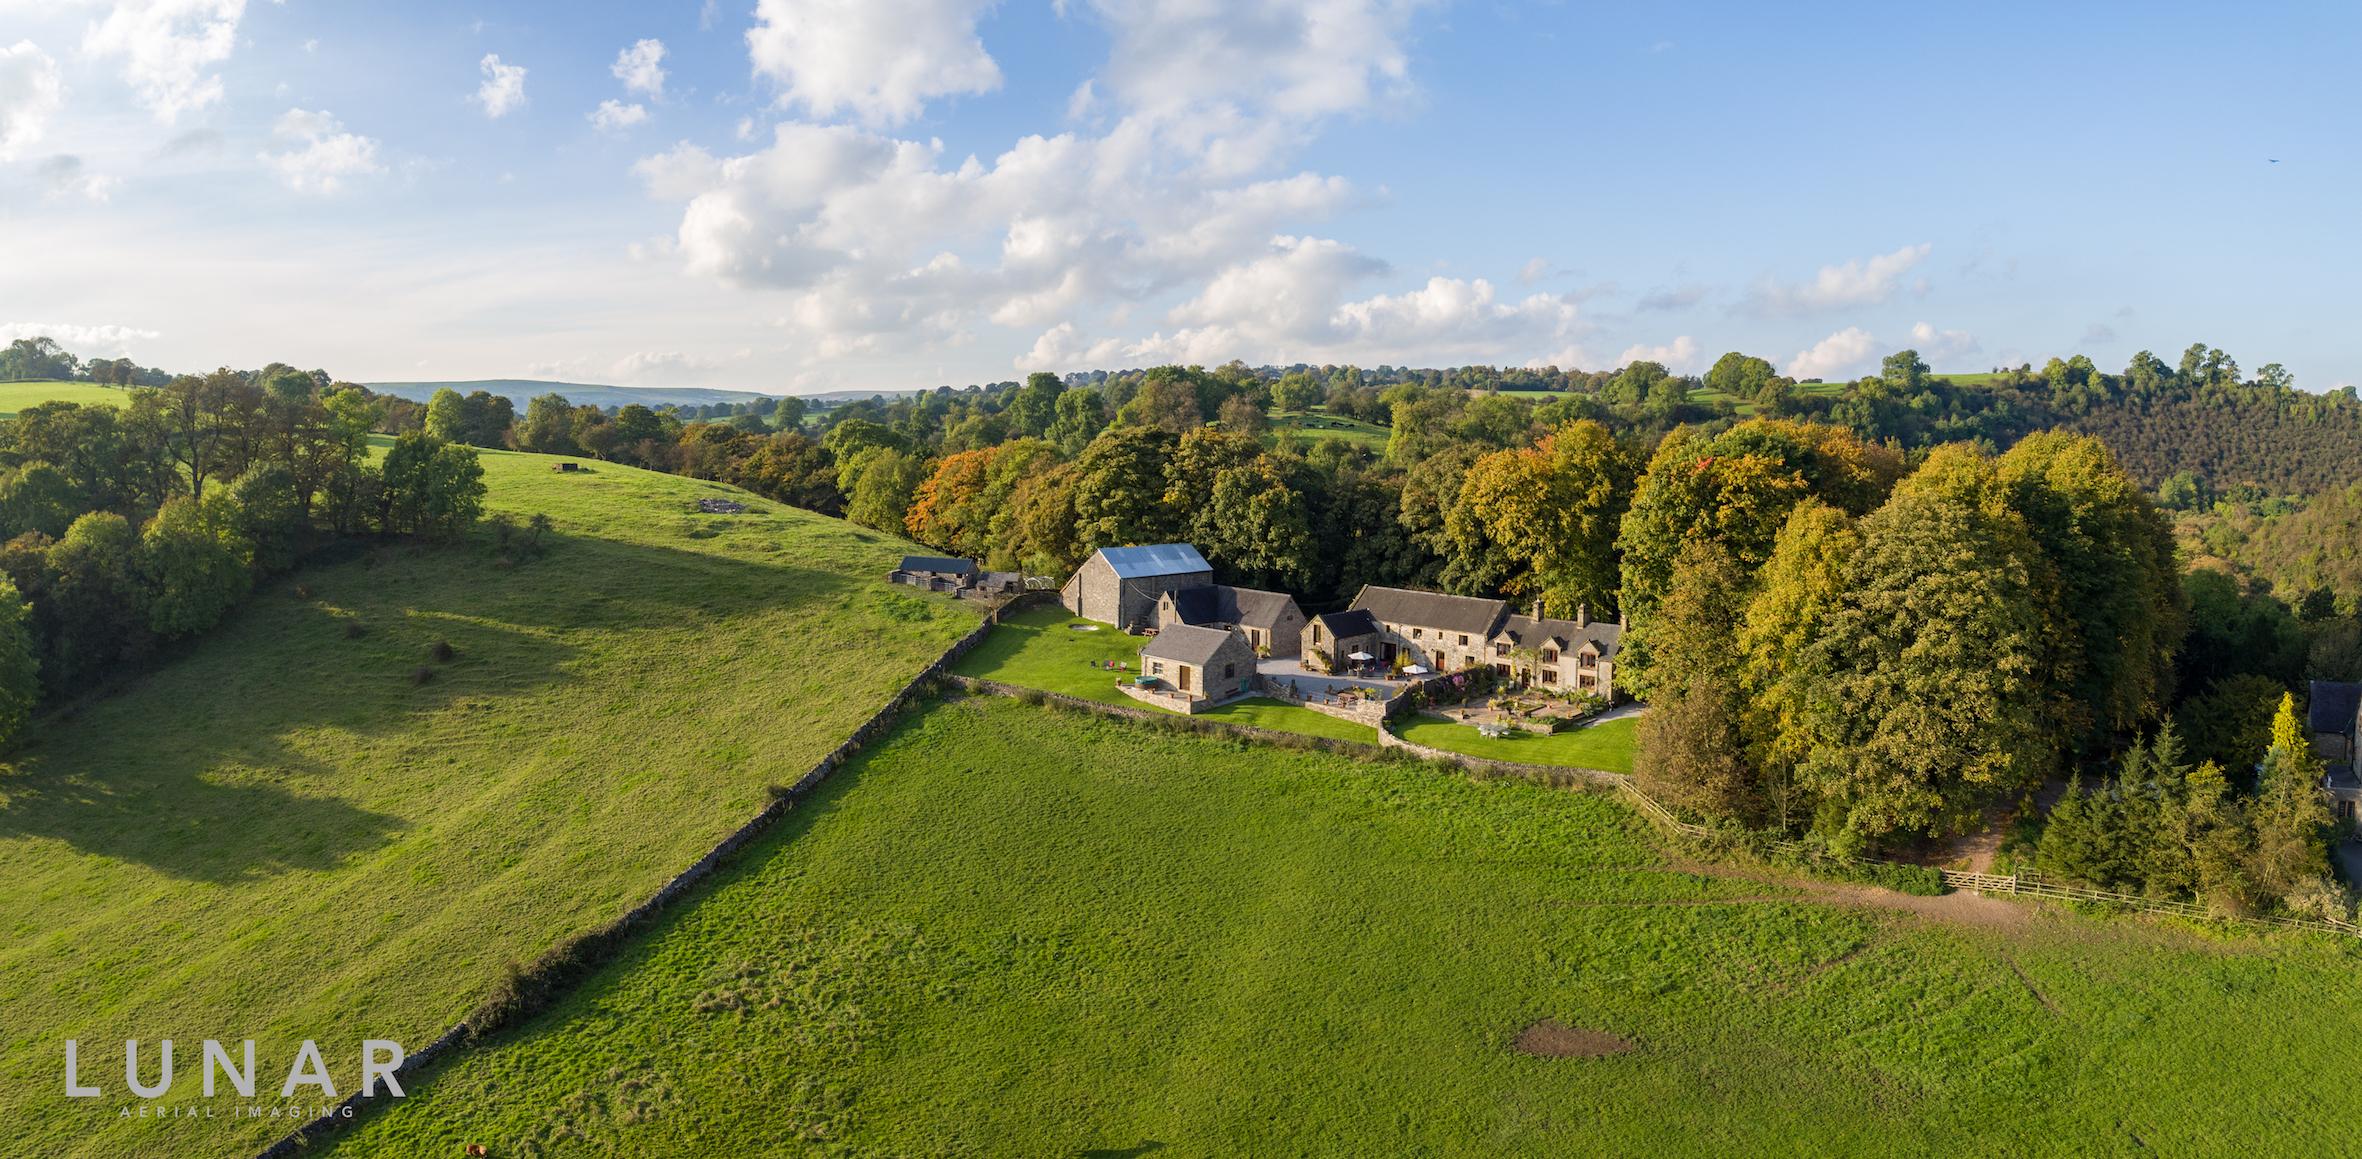 Peak District Cottages